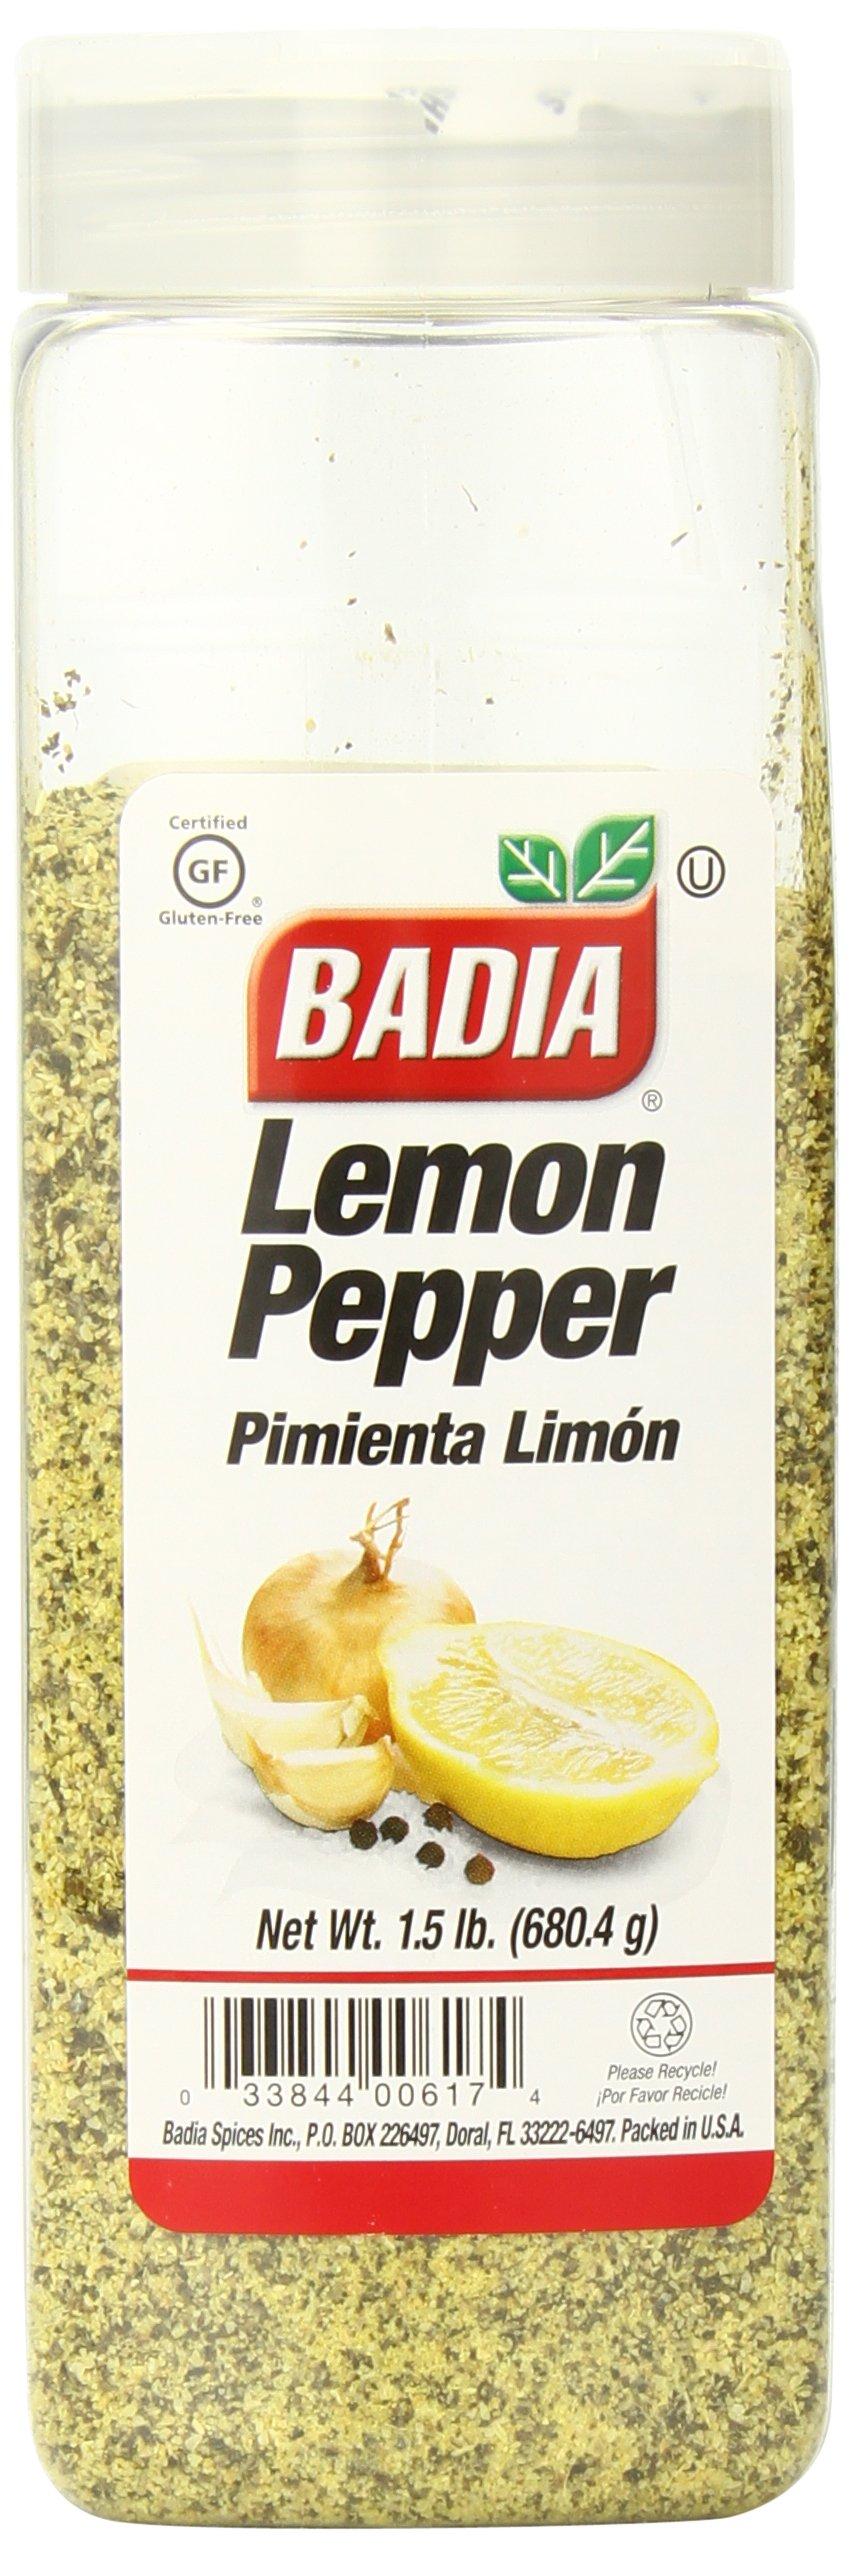 Badia Lemon Pepper, 1.5 Pound (Pack of 6)